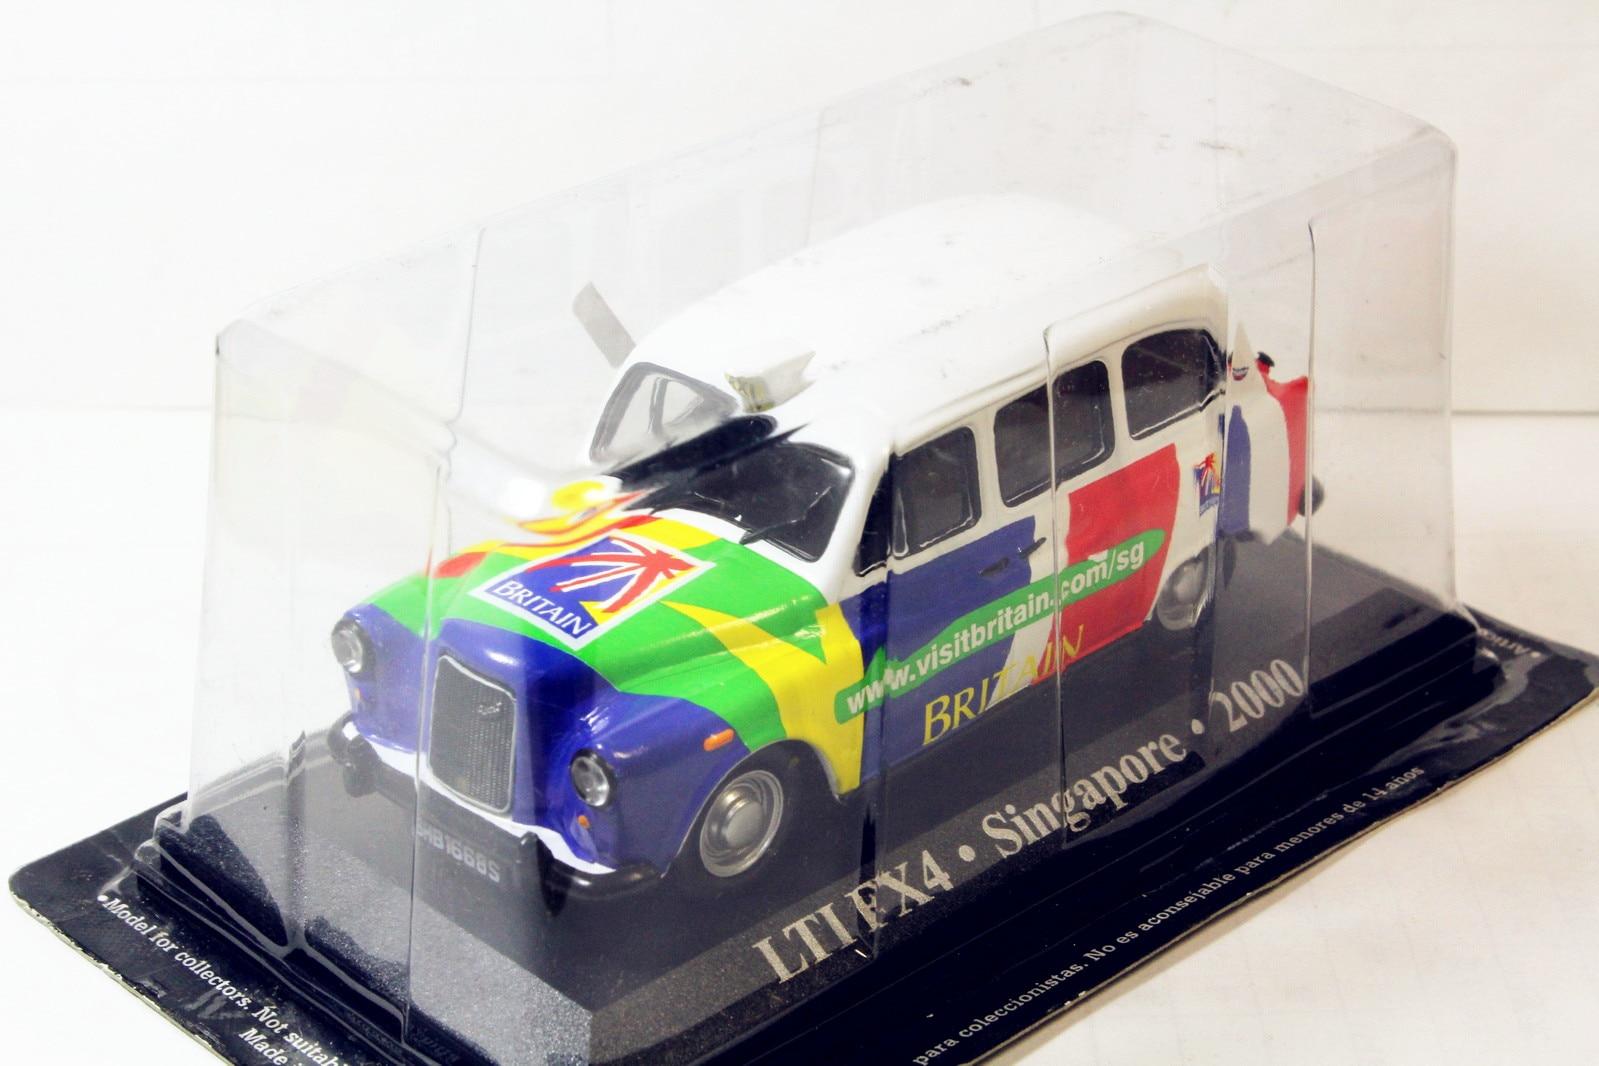 Modelo de colección de Taxi alyak Austin LTI FX4, 1/43, Singapur, 2000